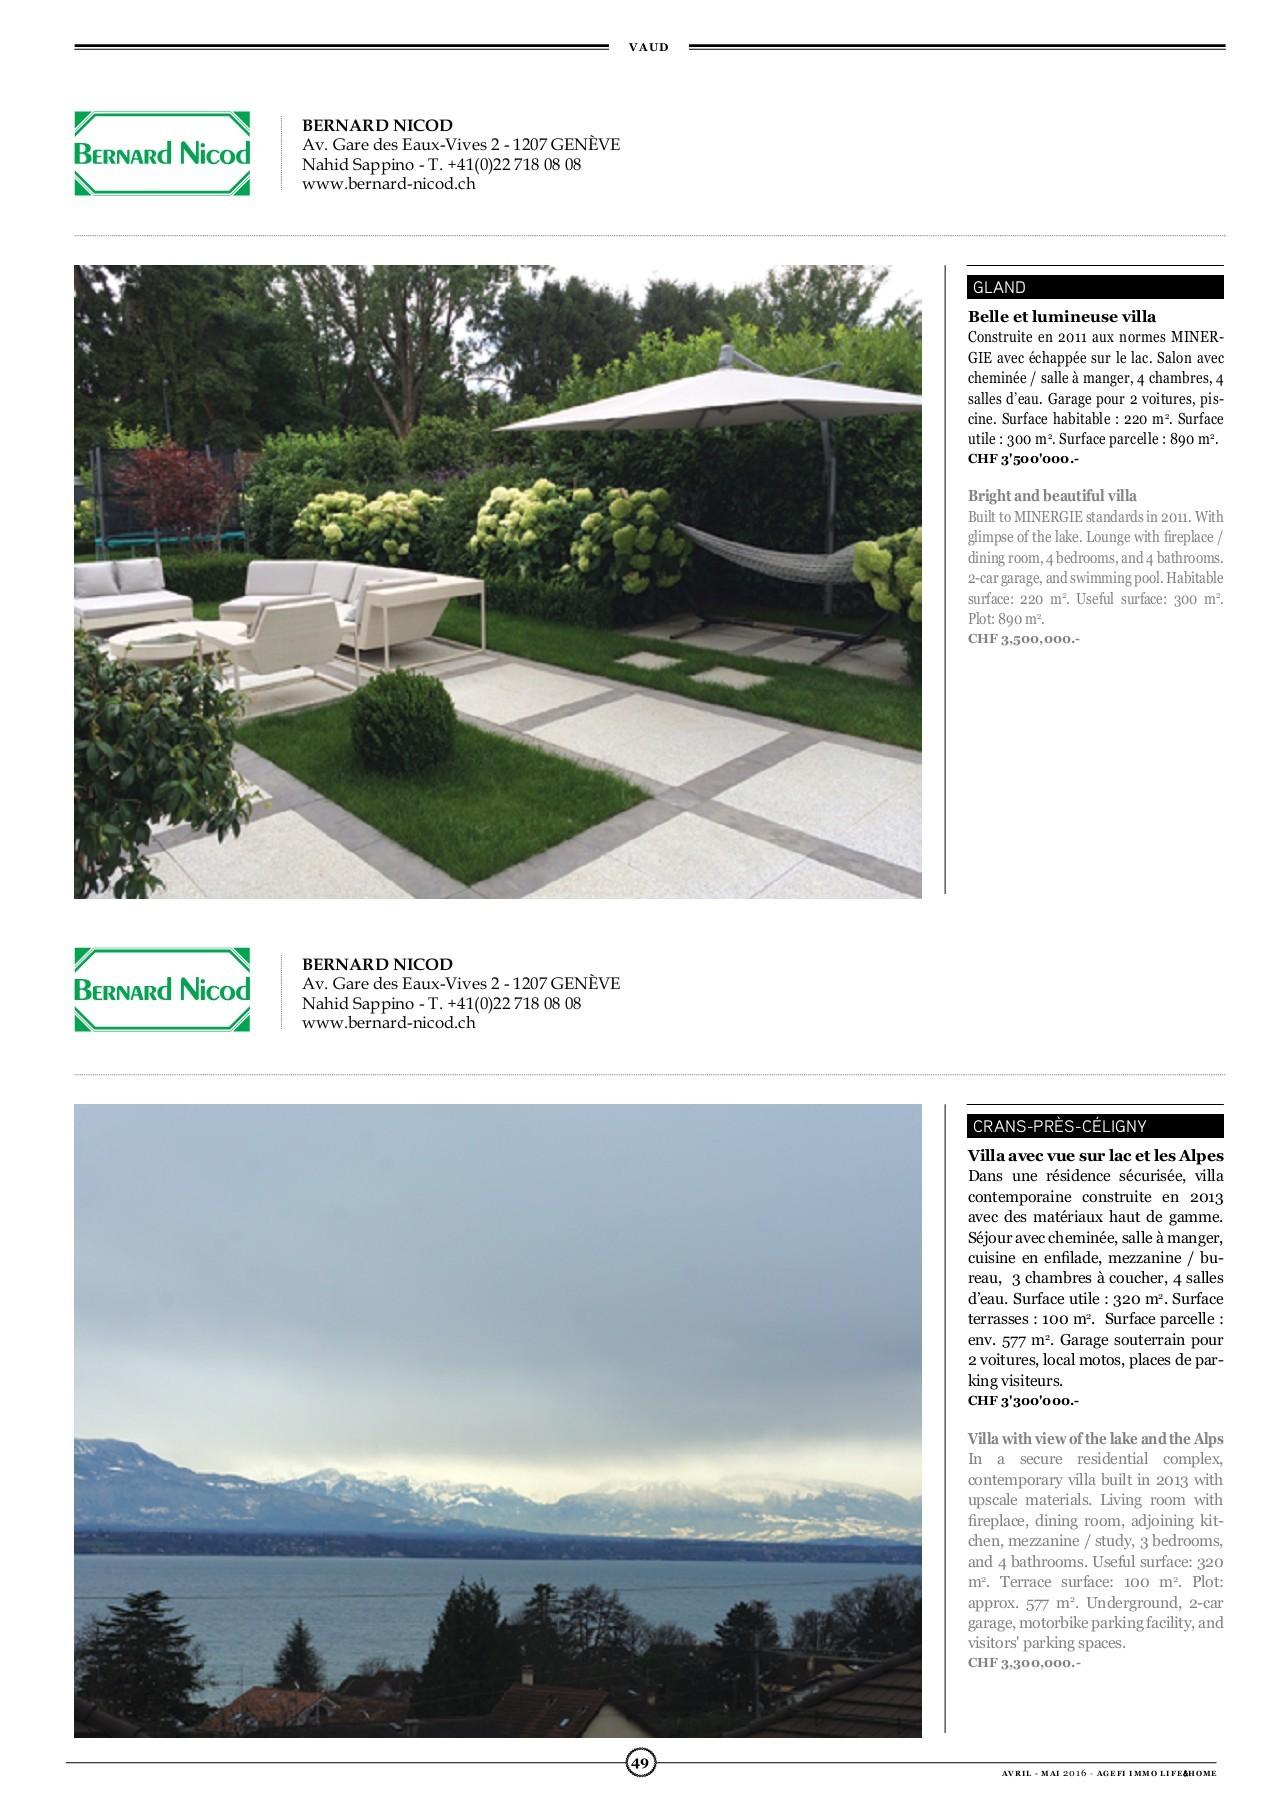 Salon De Jardin Contemporain Luxe Agefi Immo 22 Pages 51 88 Text Version Of 29 Unique Salon De Jardin Contemporain